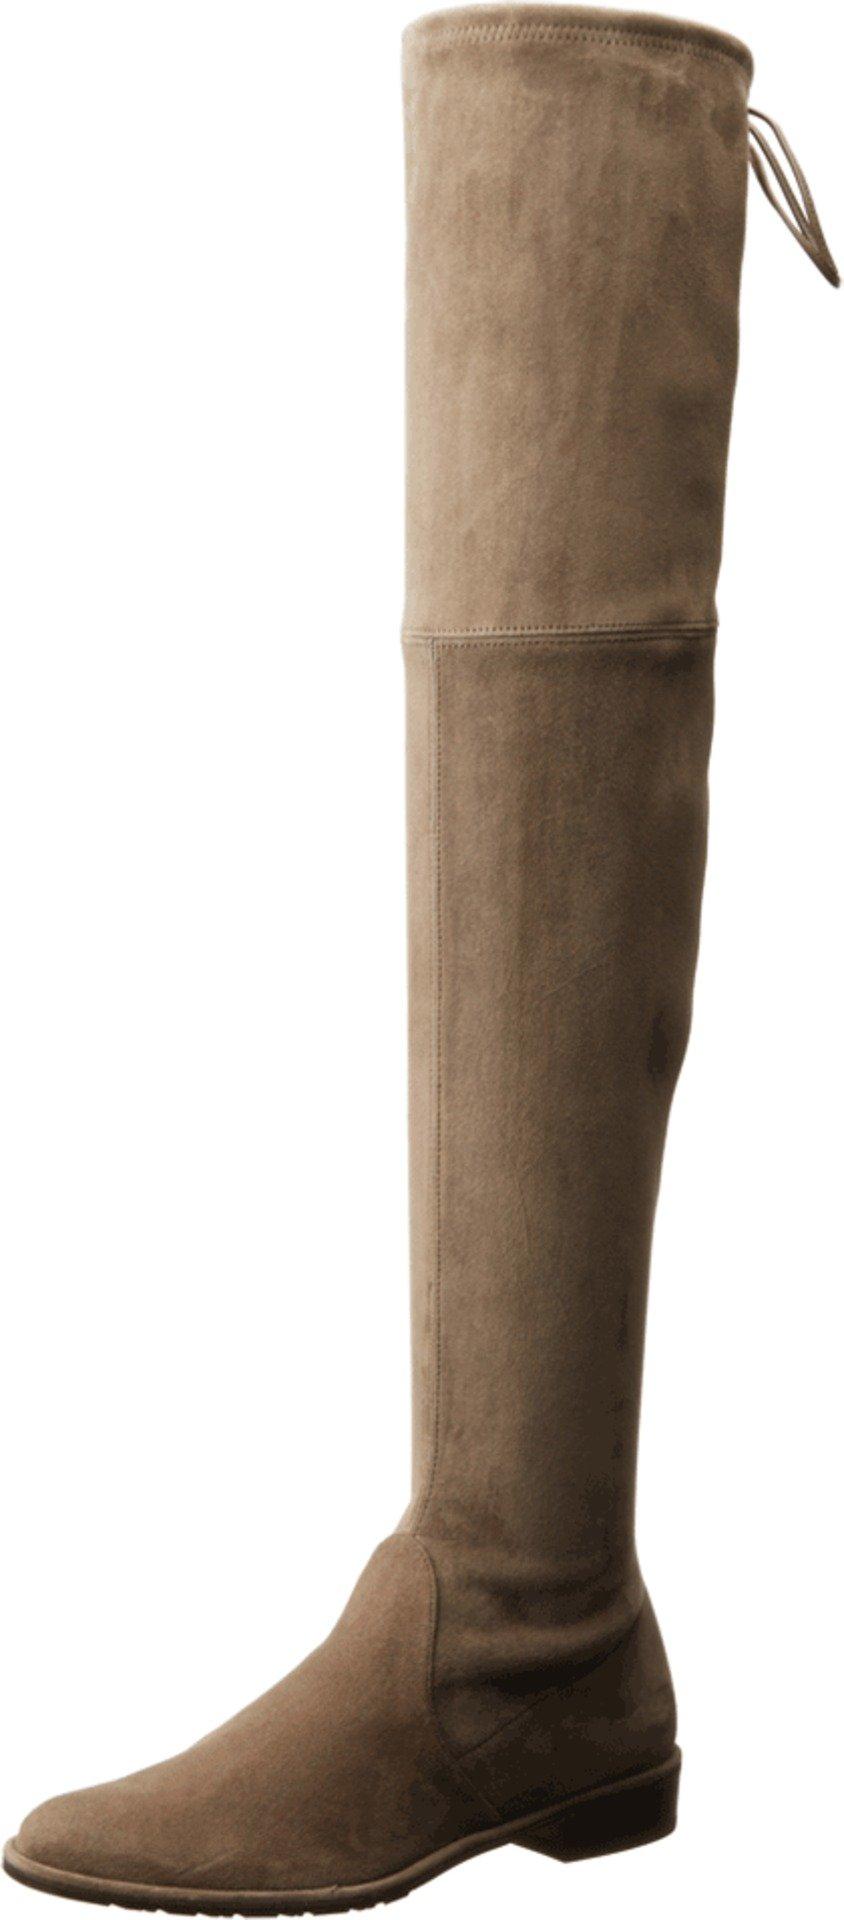 Stuart Weitzman Women's Lowland Over-The-Knee Boot,Praline Suede,9 M US